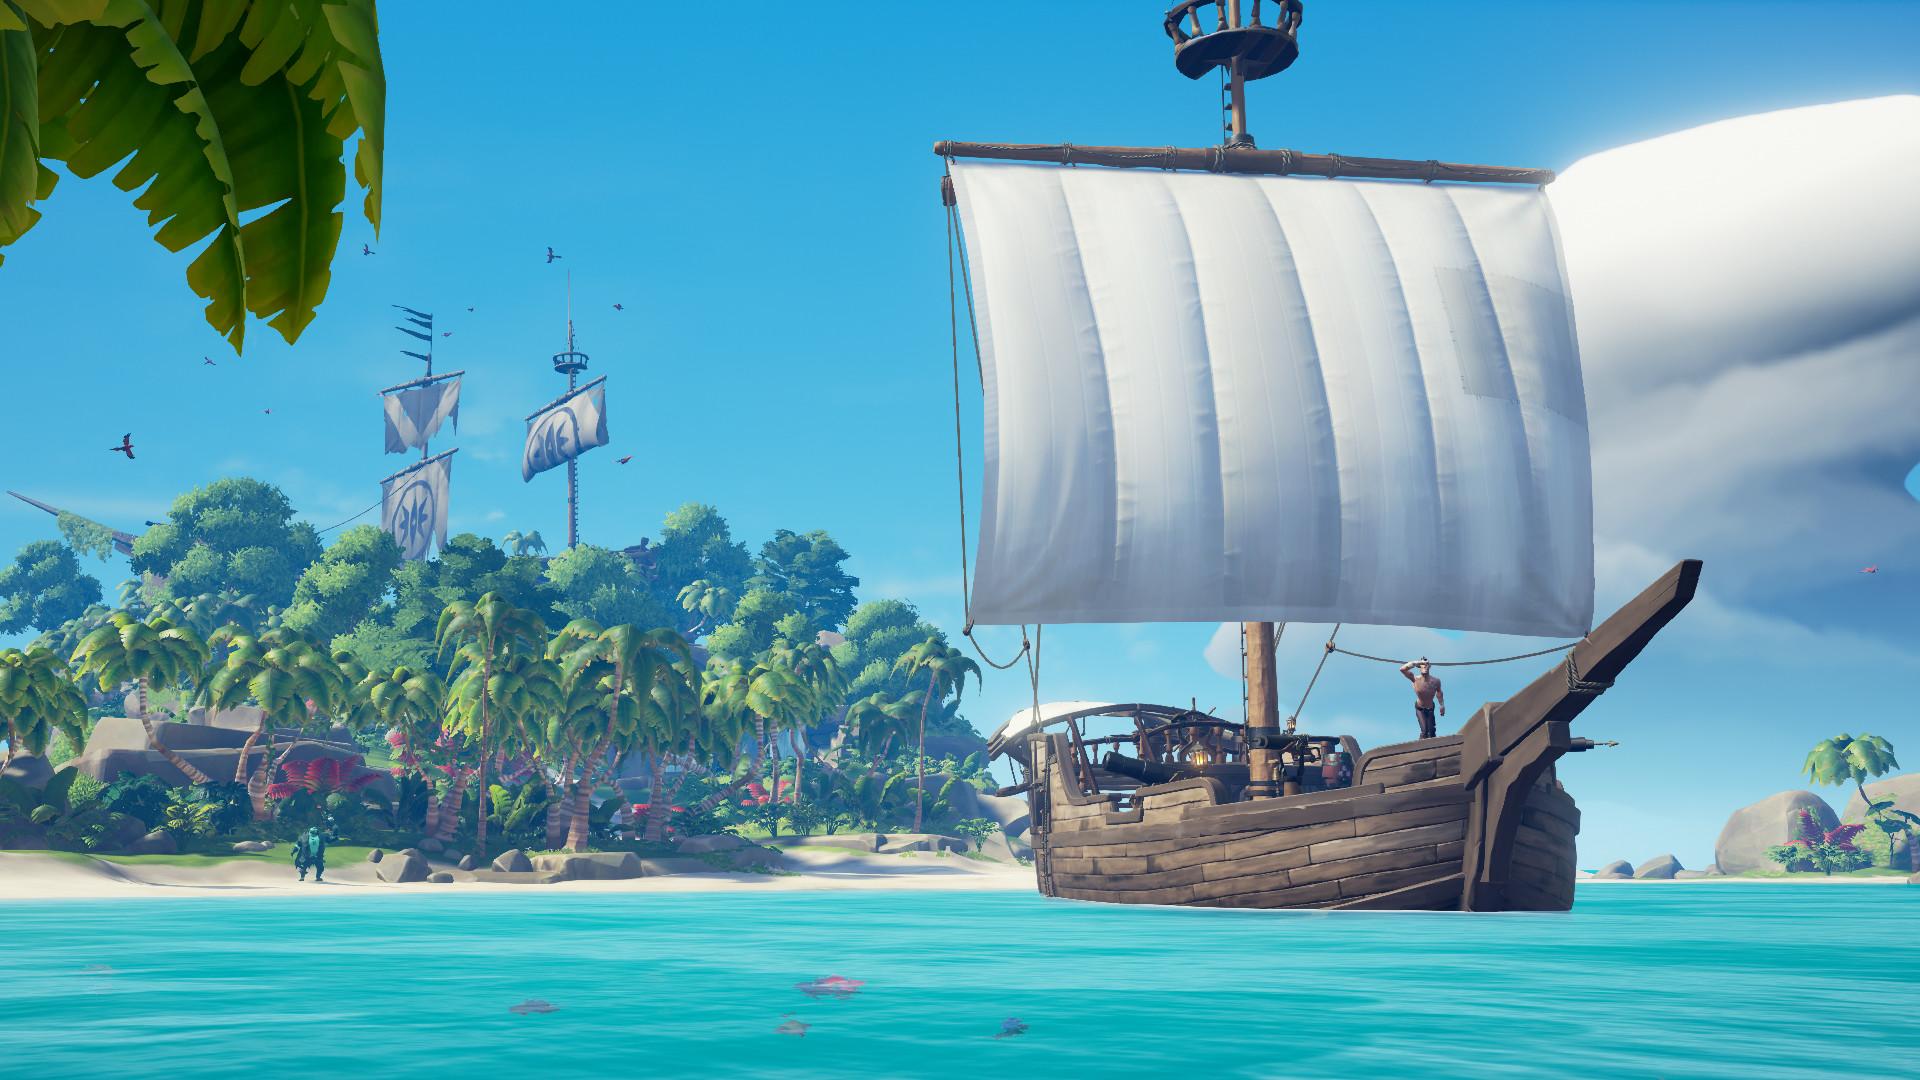 《盗贼之海》2020年独特玩家超千万 每3个月推出内容大更新